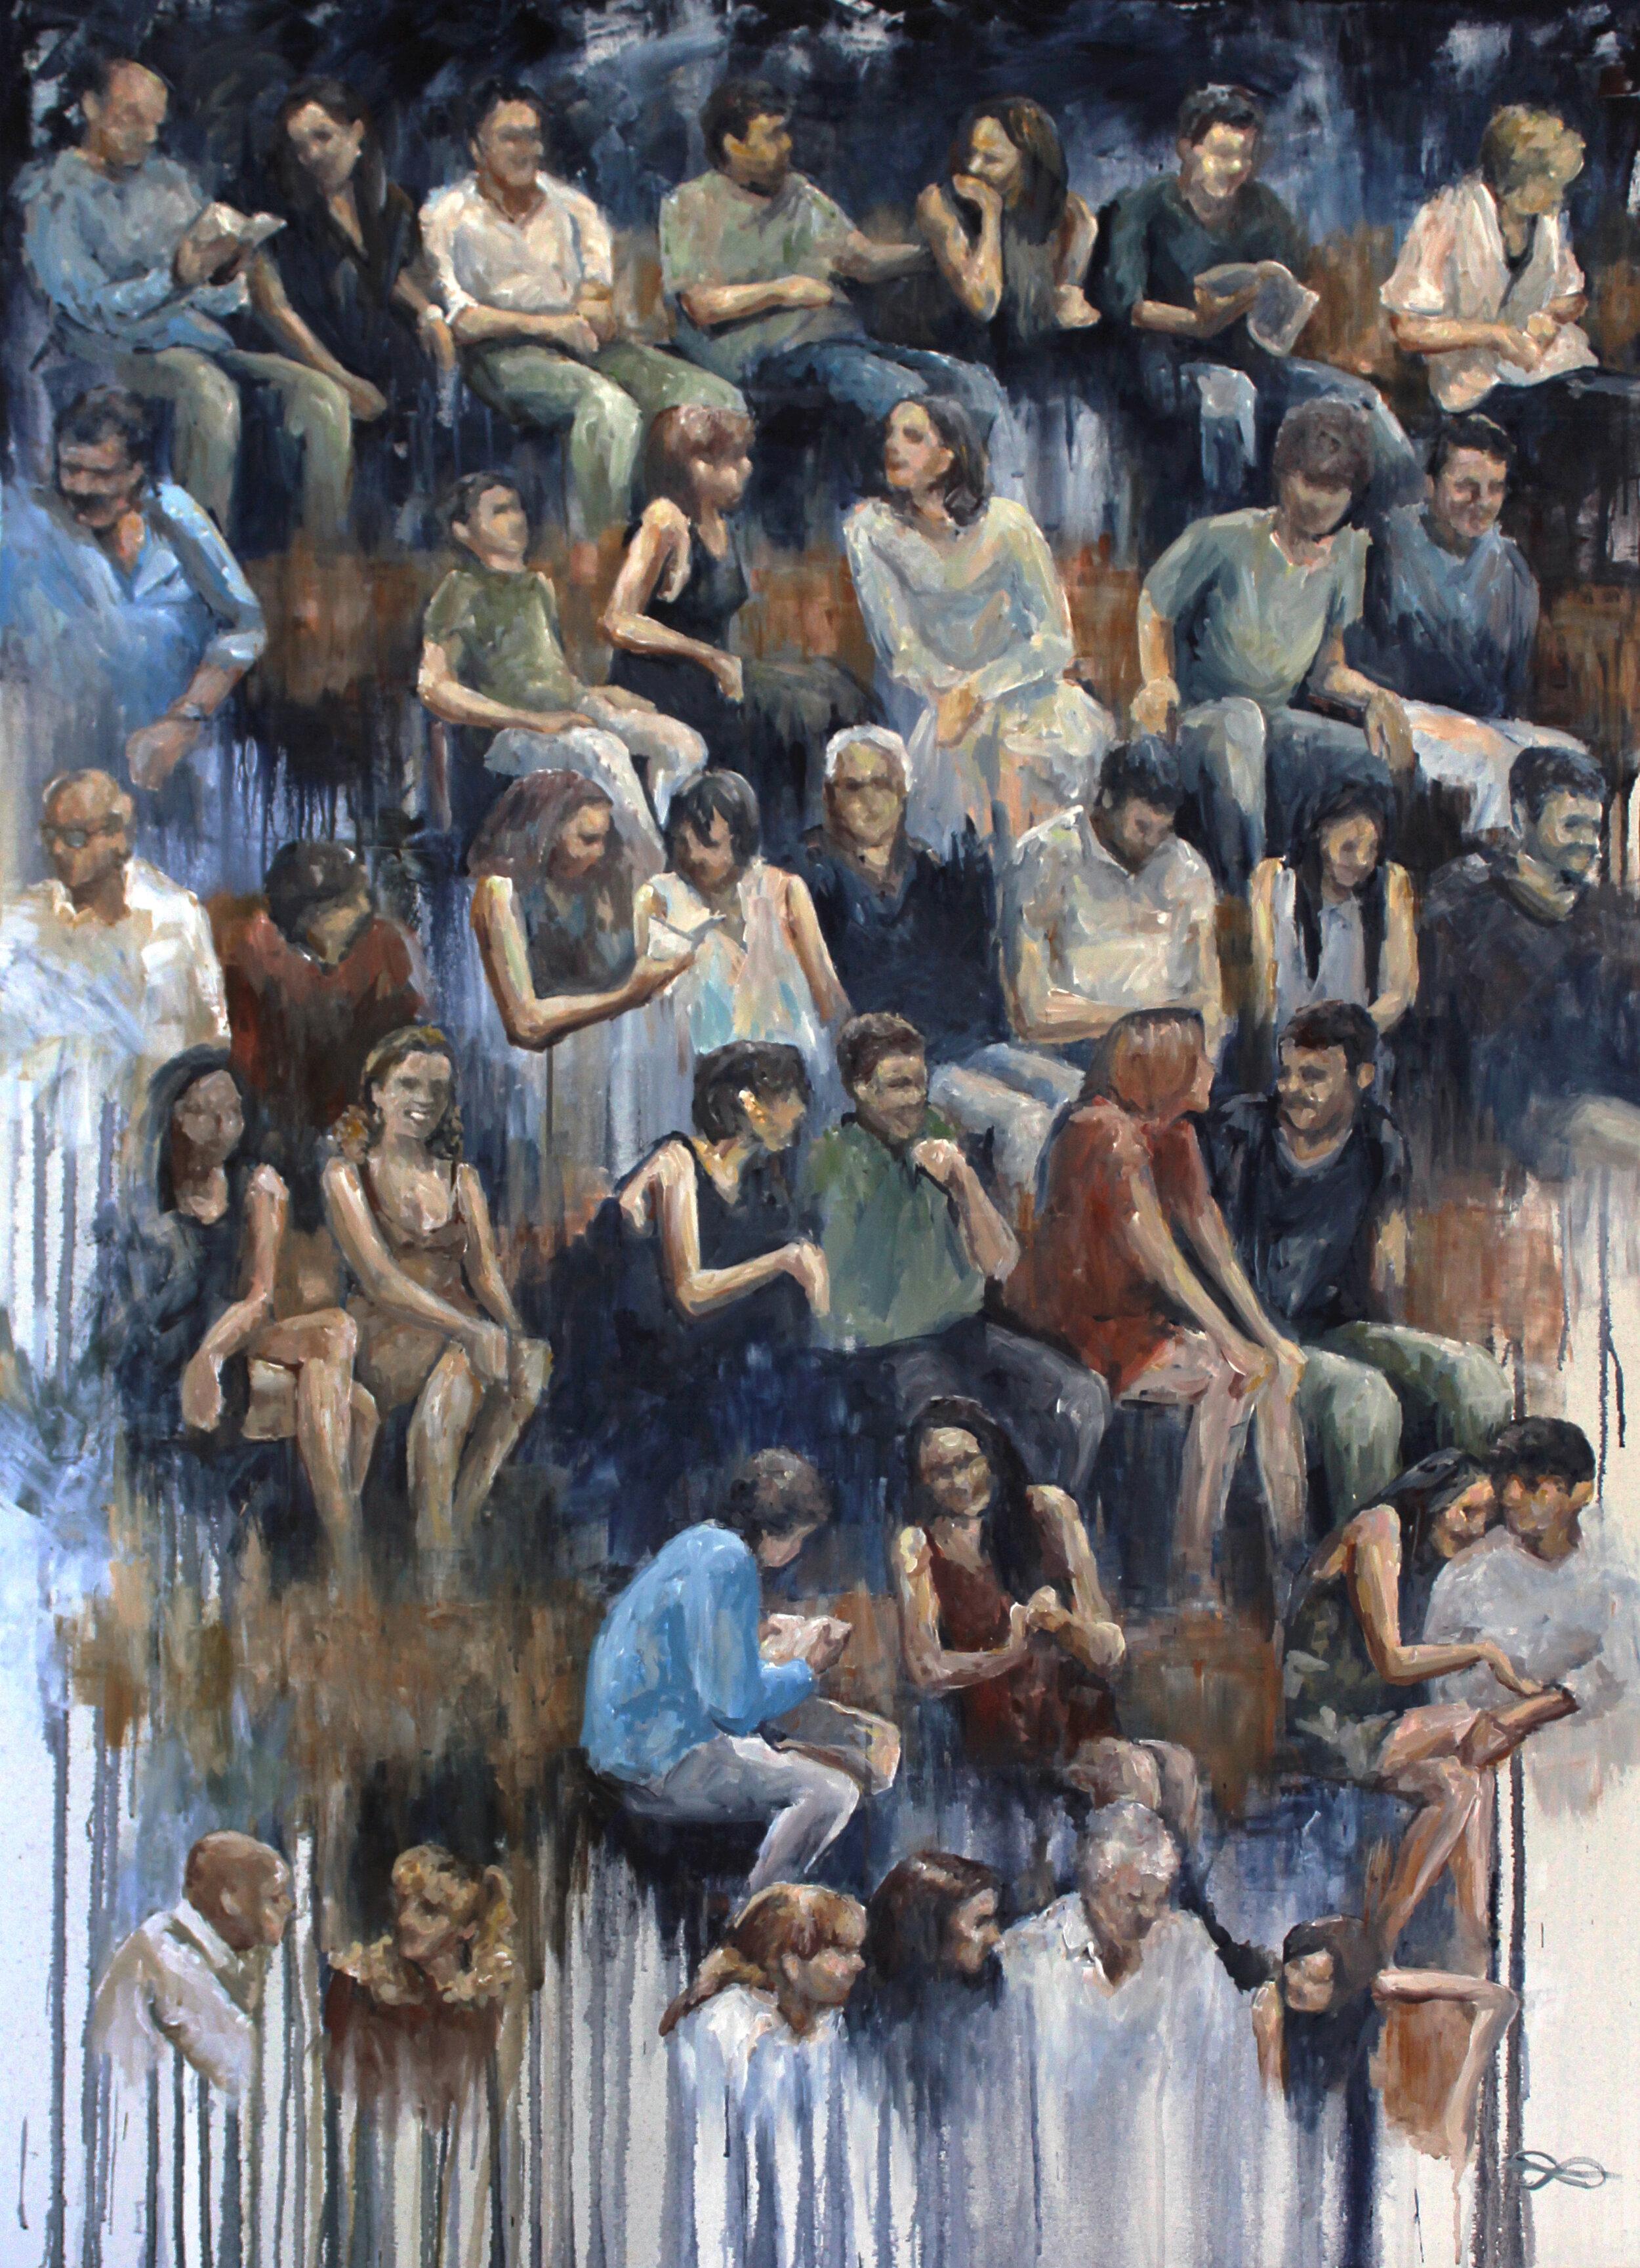 Tonhalle Wil – Publikum (audience) / 2019 / acrylic on canvas / 140 x 100 cm